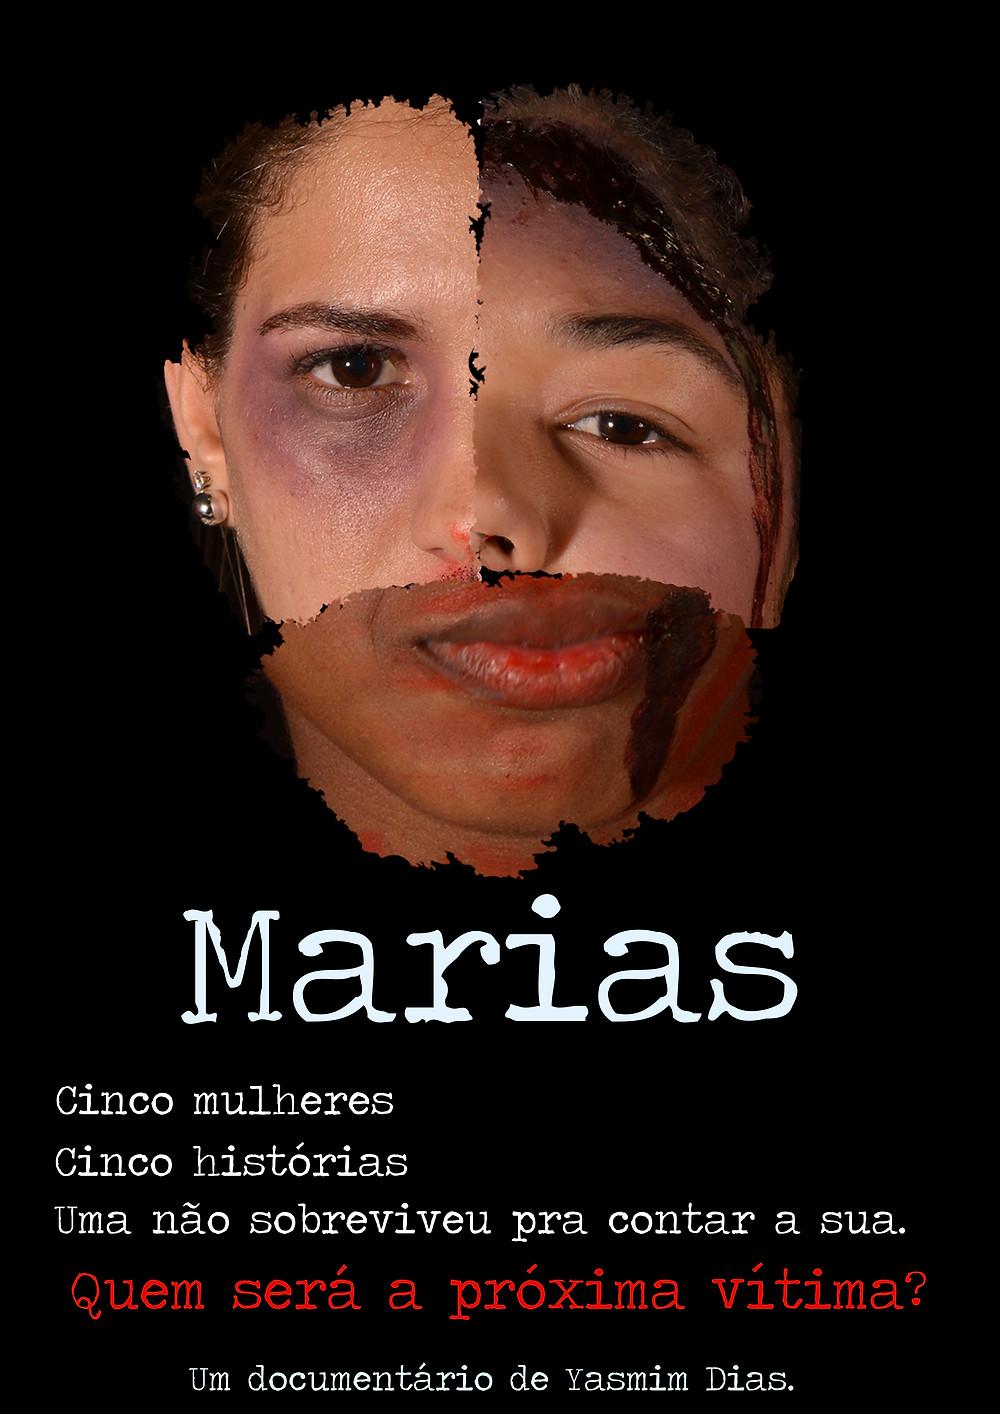 Cartaz do curta-metragem Marias (2017) | Divulgação